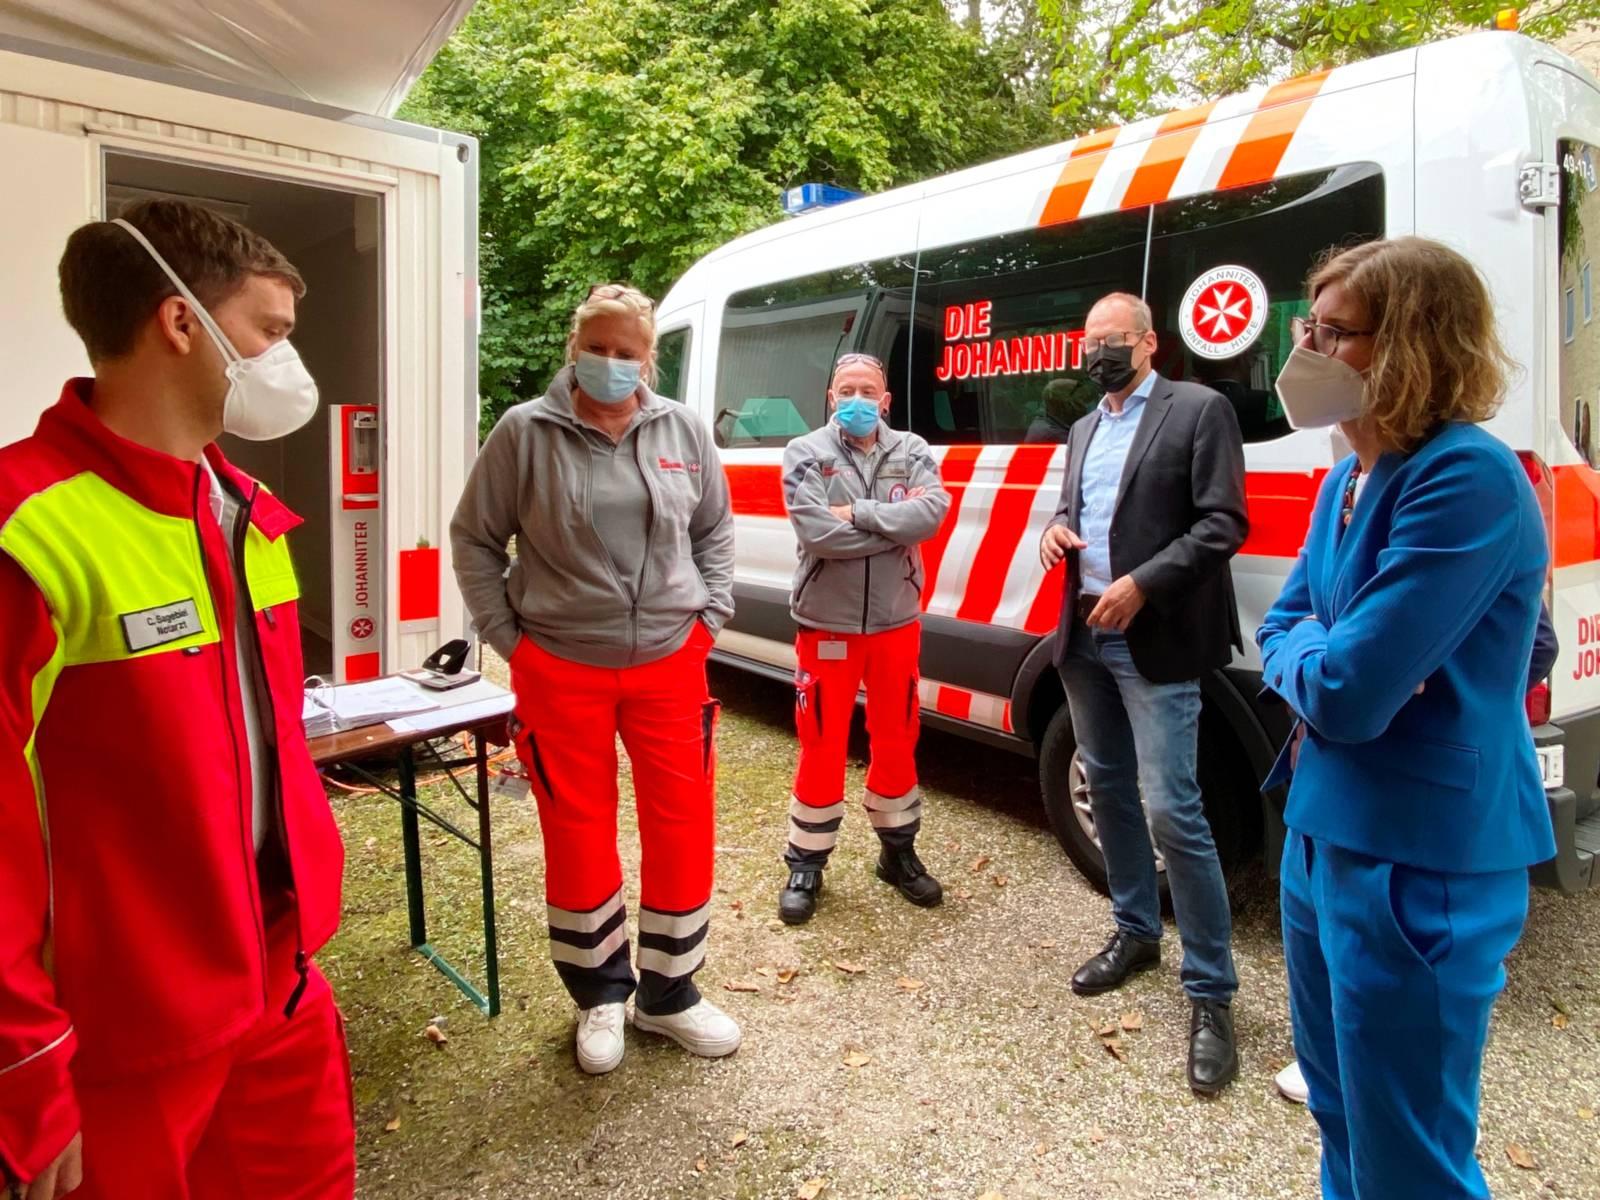 Drei Johanniter und ein Mann sowie ein Frau stehen vor einem Krankentransportfahrzeug.